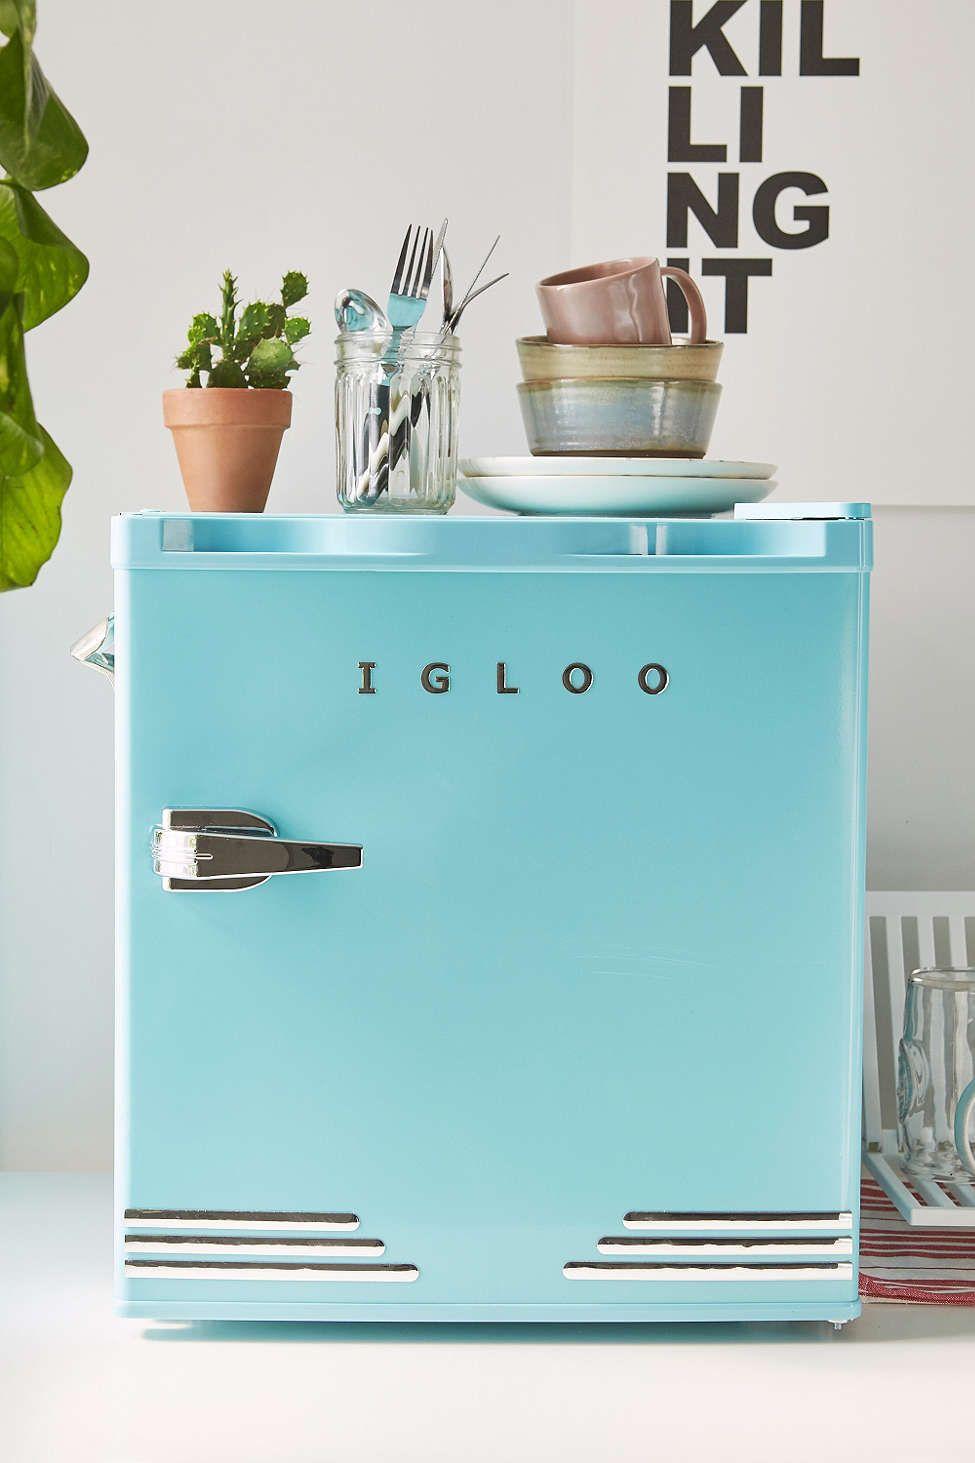 Mini Refrigerator Retro Home Decor Retro Home Mini Fridge